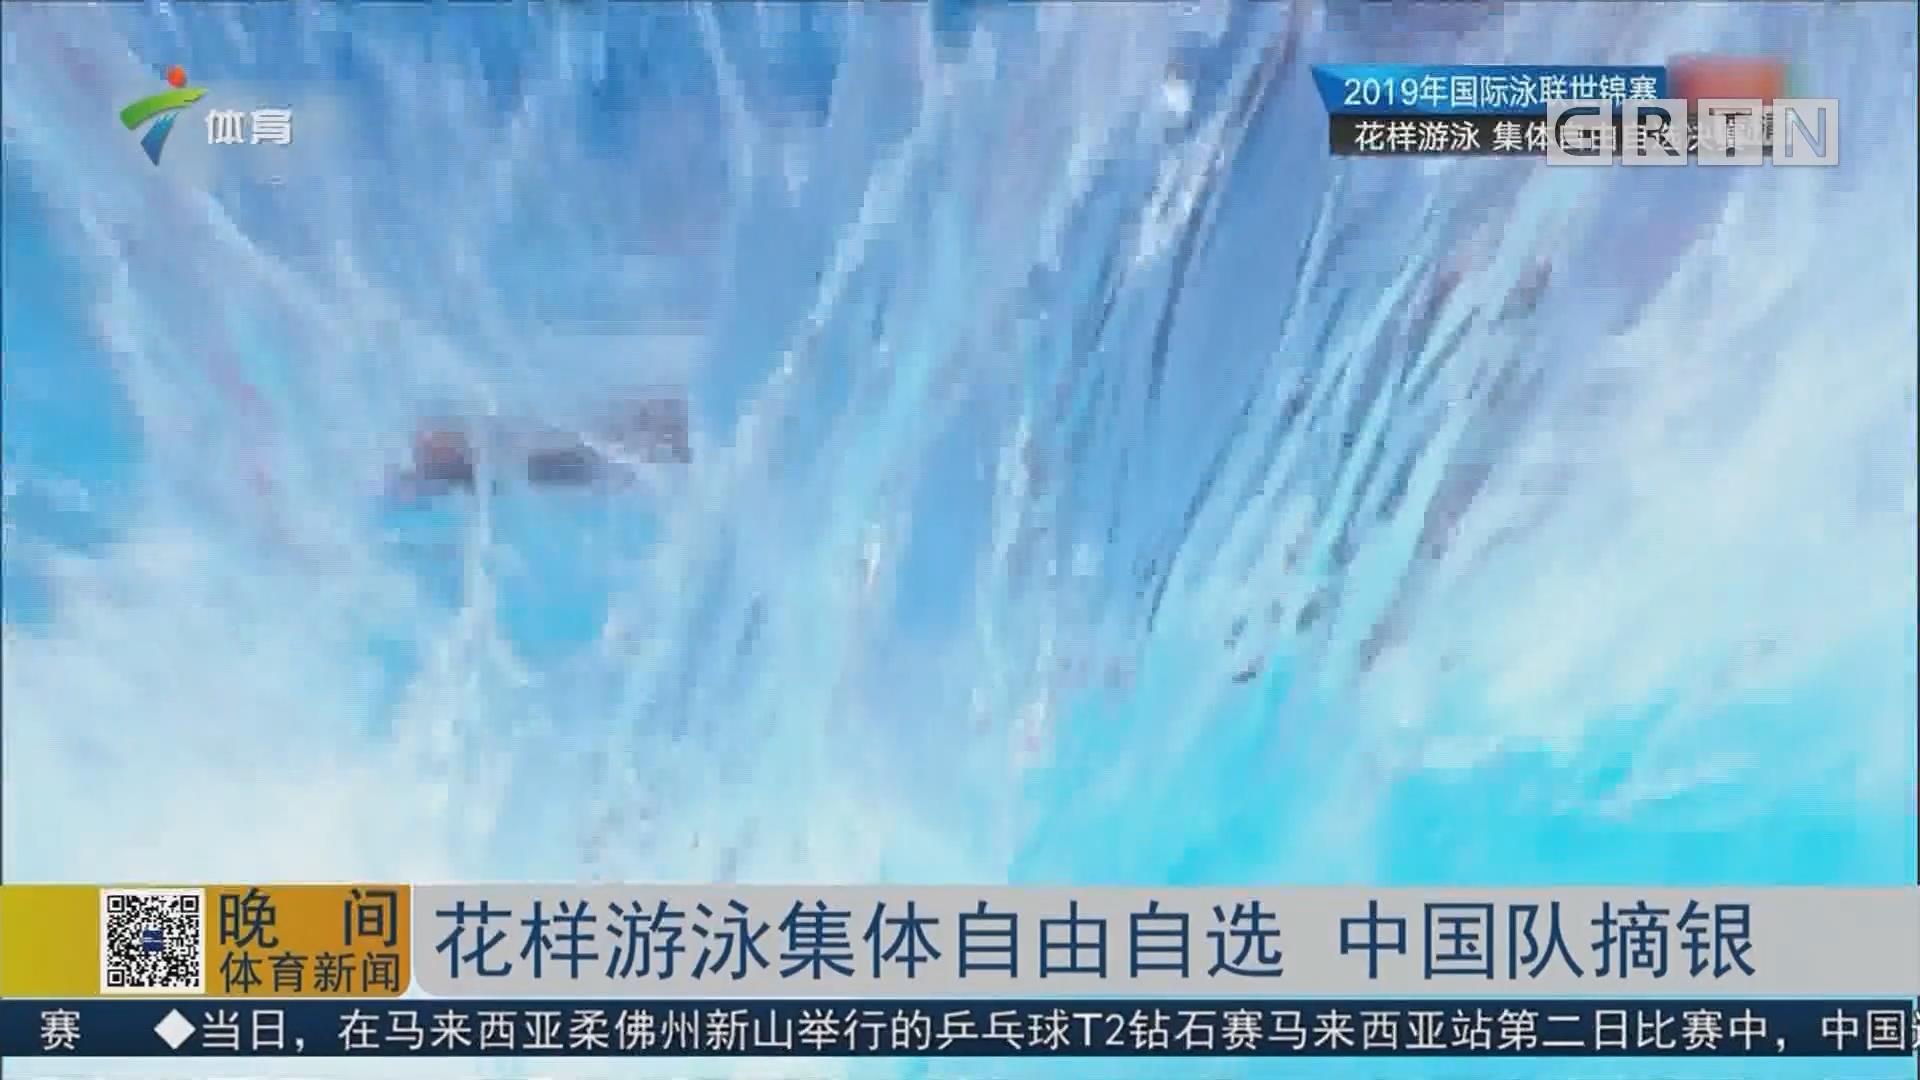 花样游泳集体自由自选 中国队摘银